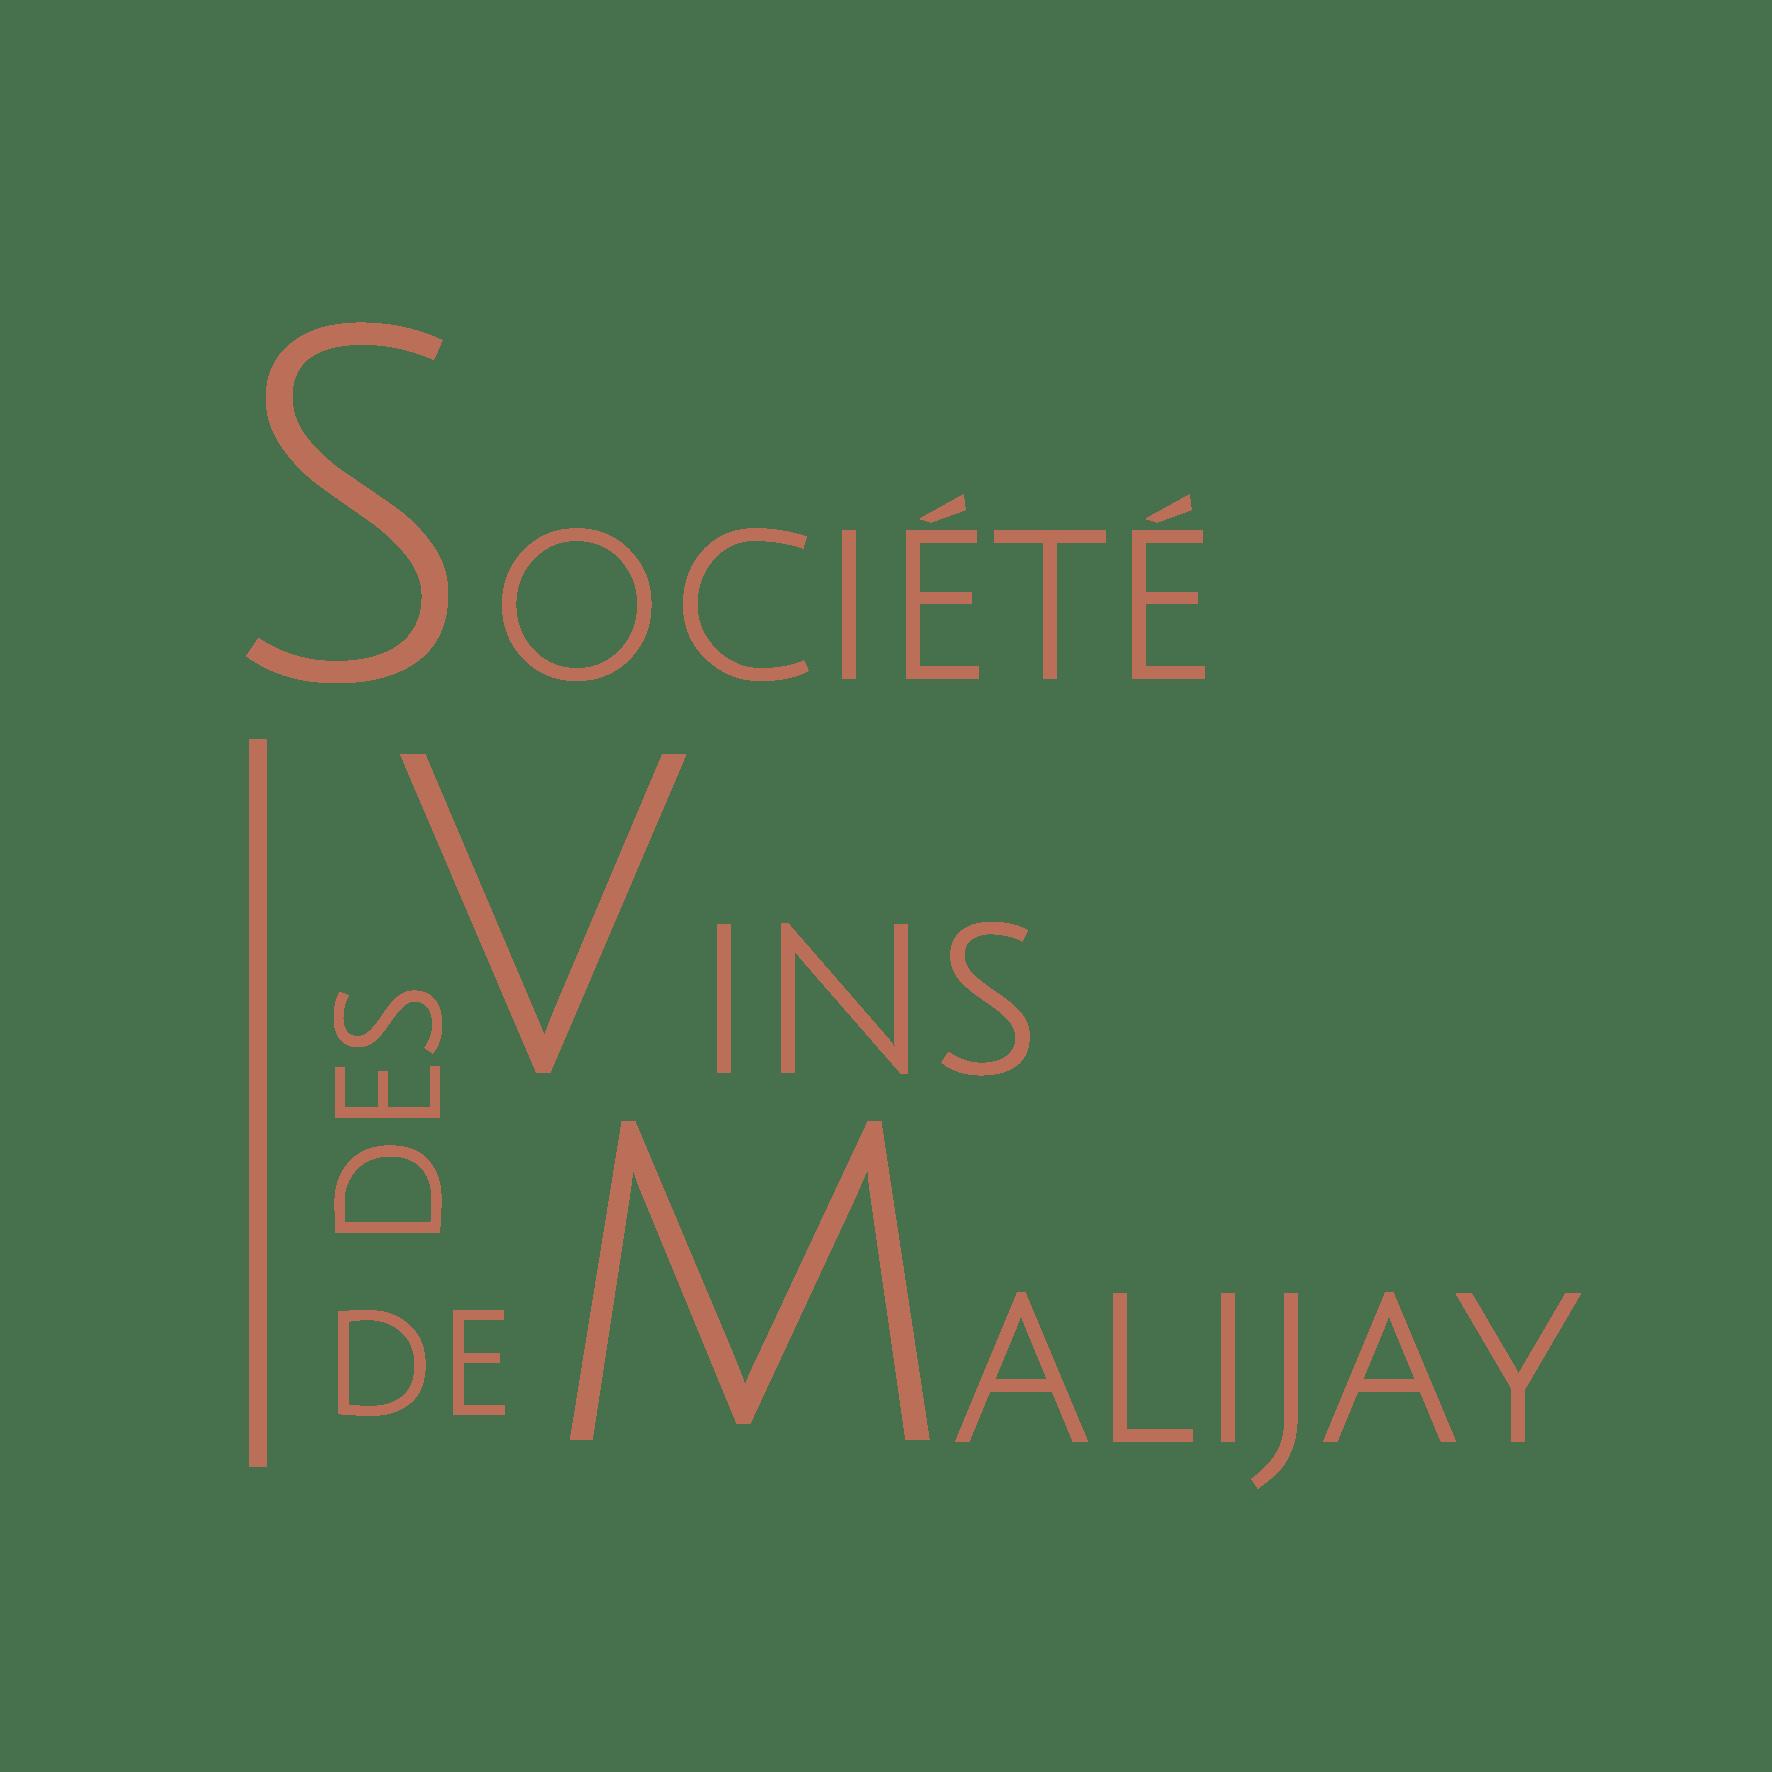 Les vins de Malijay